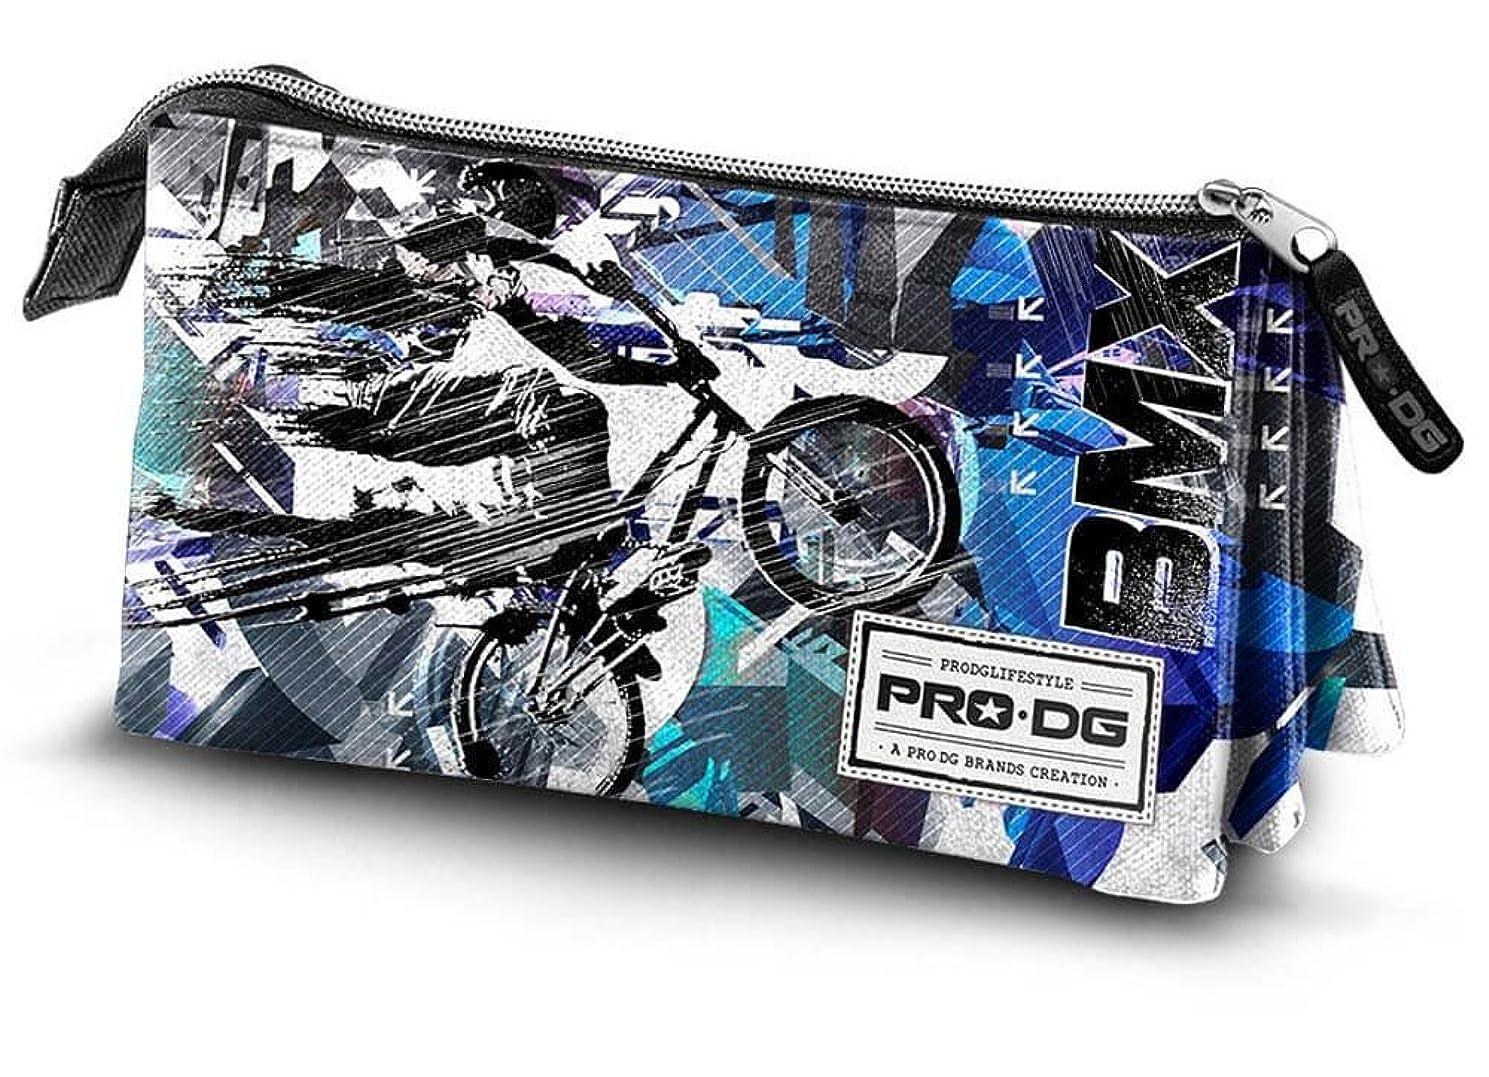 Pro DG BMX triple pencil case